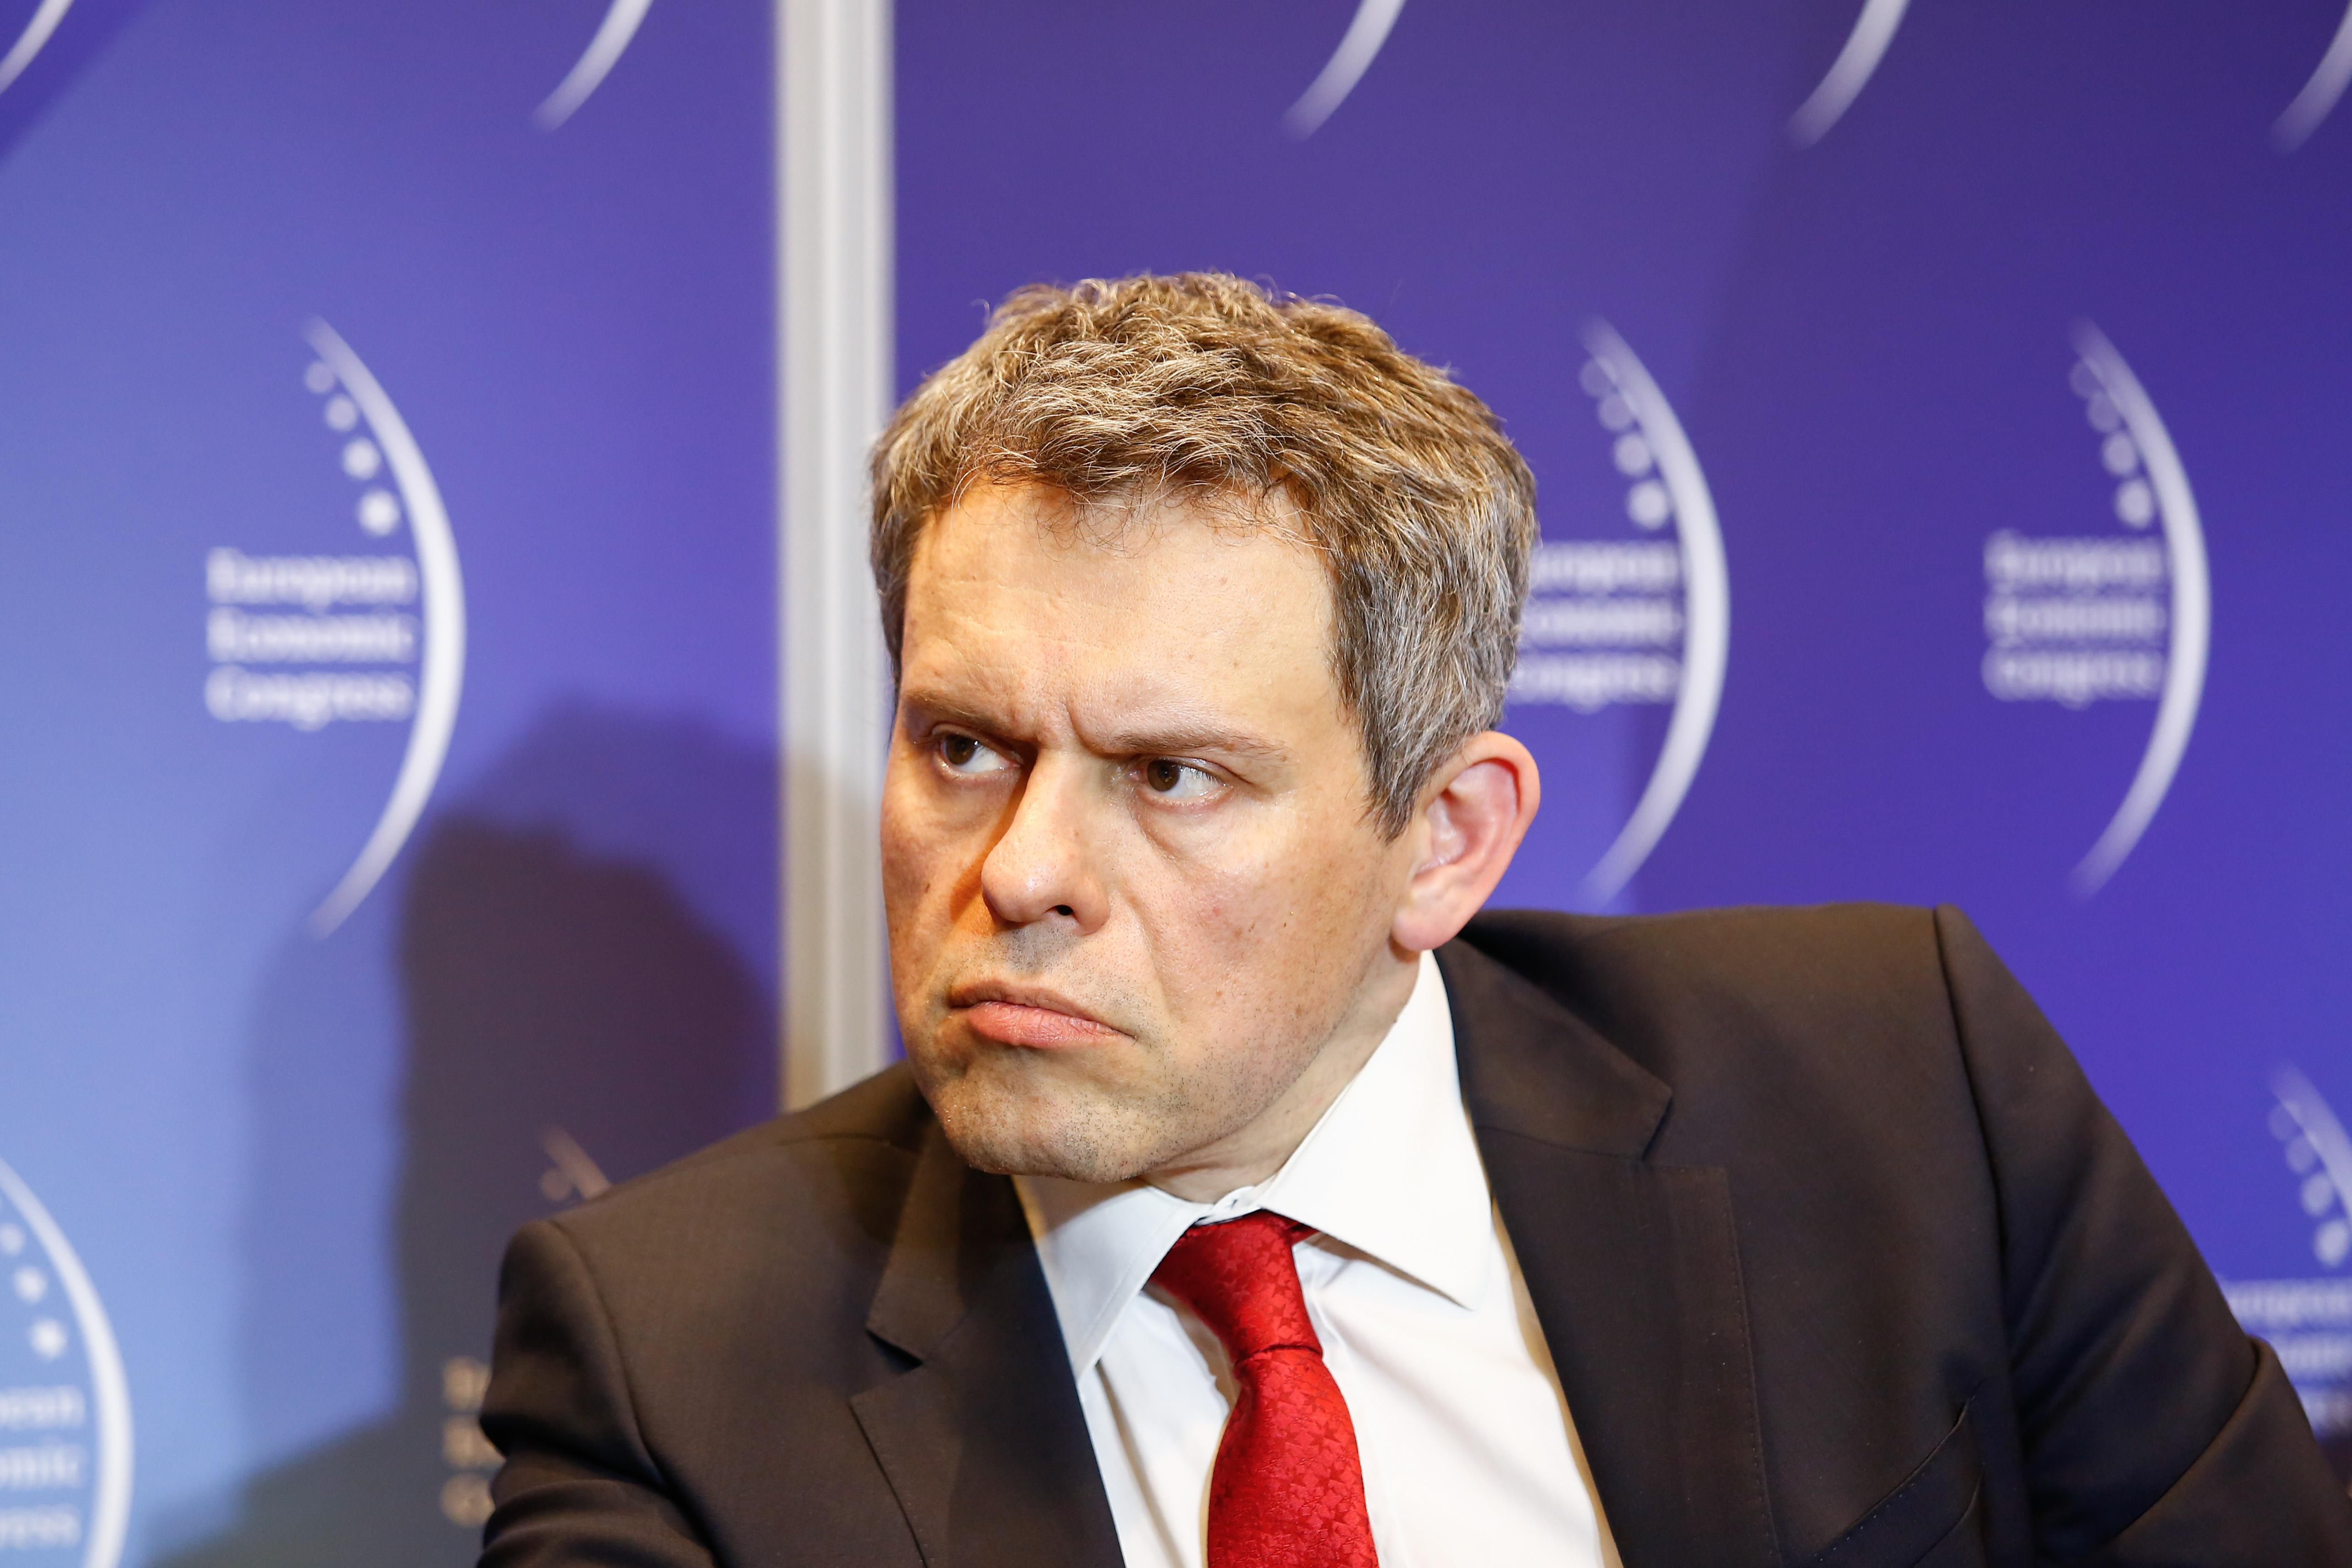 Filip Świtała: Konsumpcja przyczyniła się do wzrostu wpływów z VAT, ale nie jest jedynym wyjaśnieniem tego wzrostu. (fot. PTWP)